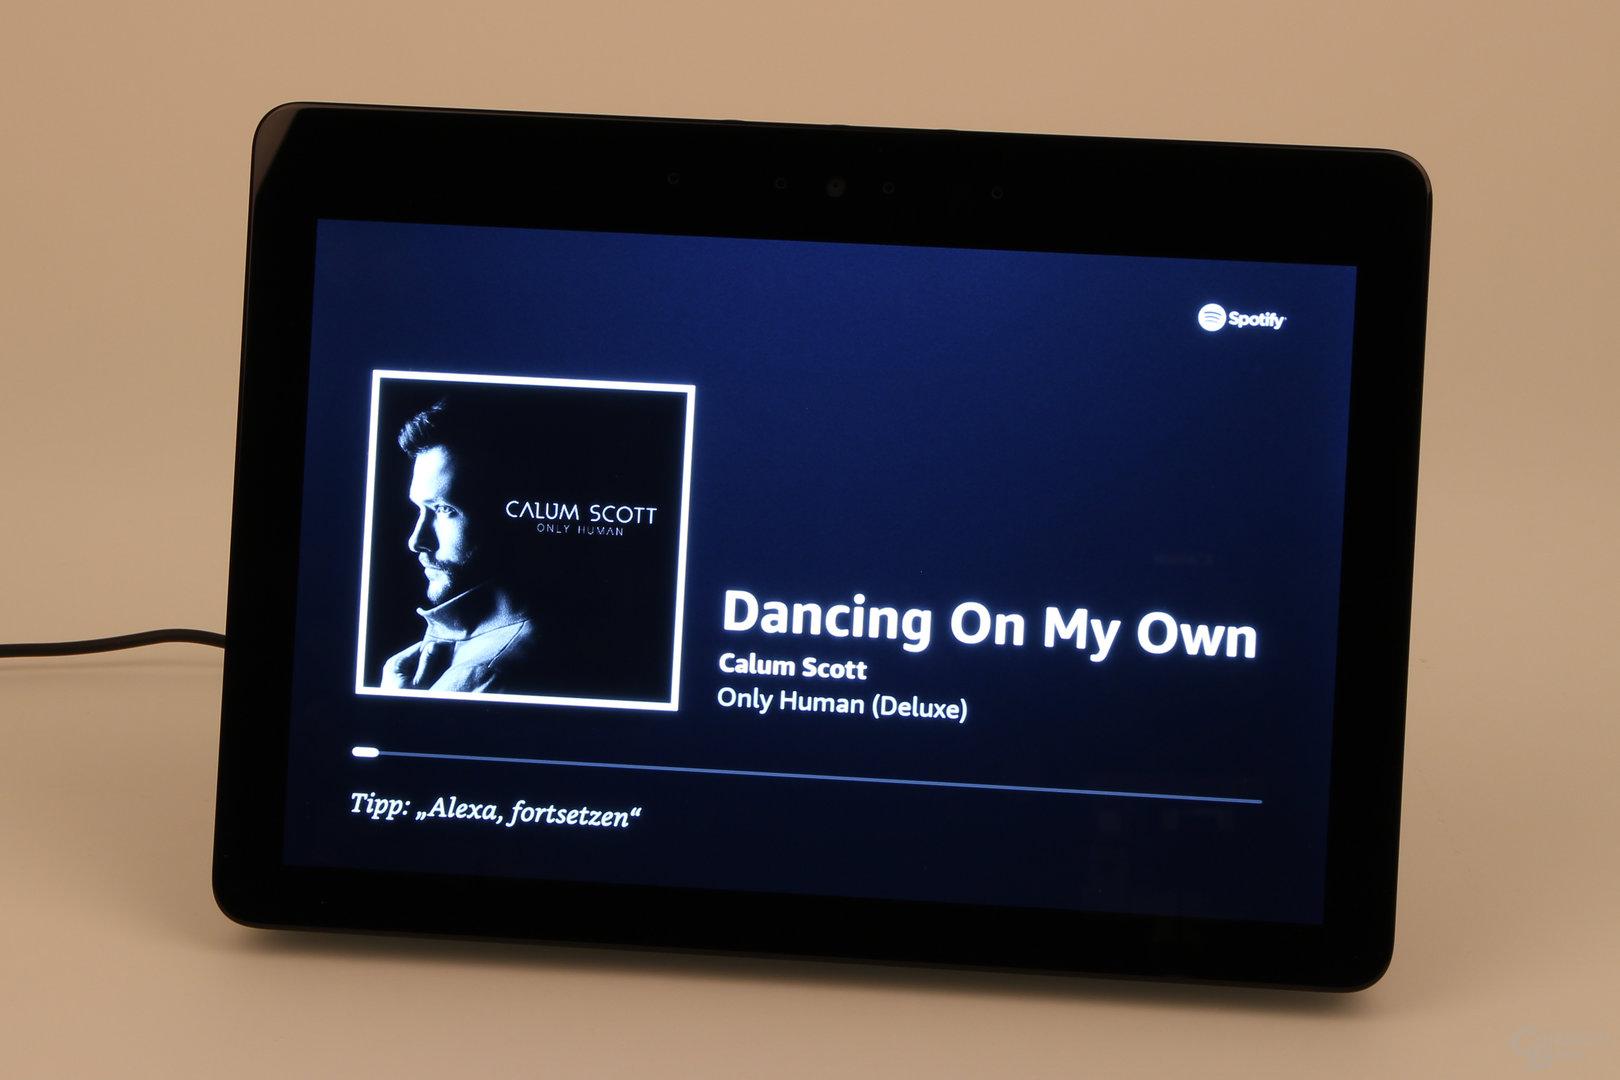 Amazon Echo Show: Spotify